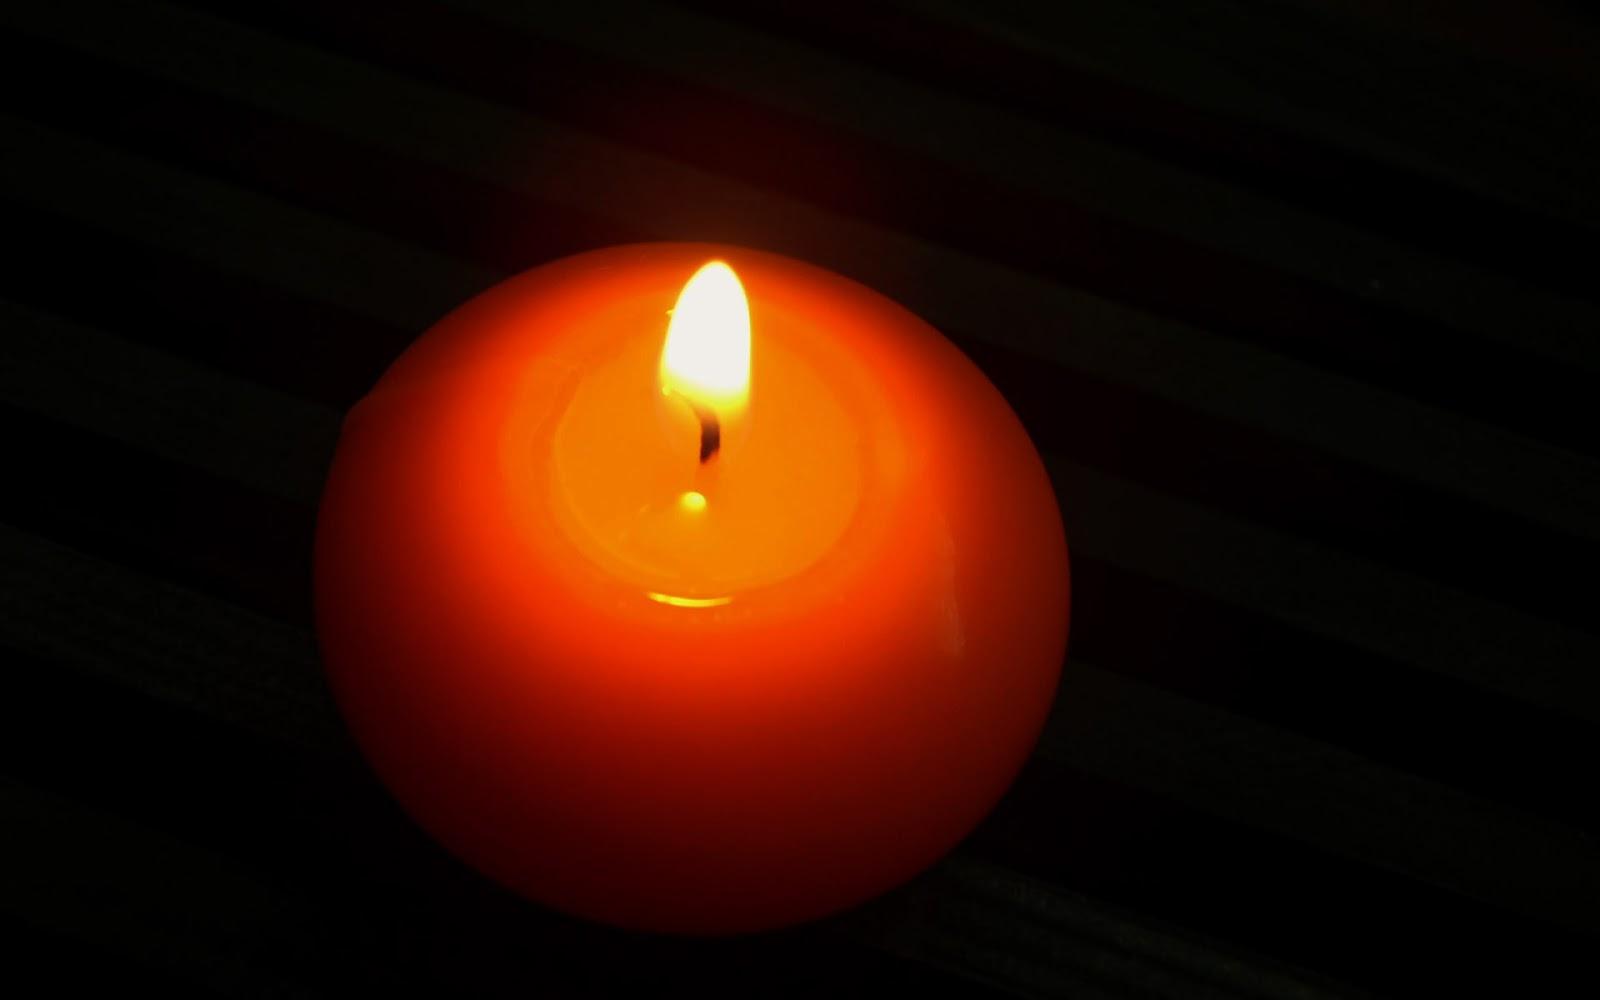 http://1.bp.blogspot.com/-g1PbmNgGLqw/UN3uHKuJrOI/AAAAAAAABO4/OKrbADLQ6pQ/s1600/FreeGreatPicture.com-2769-candle-wallpaper.jpg